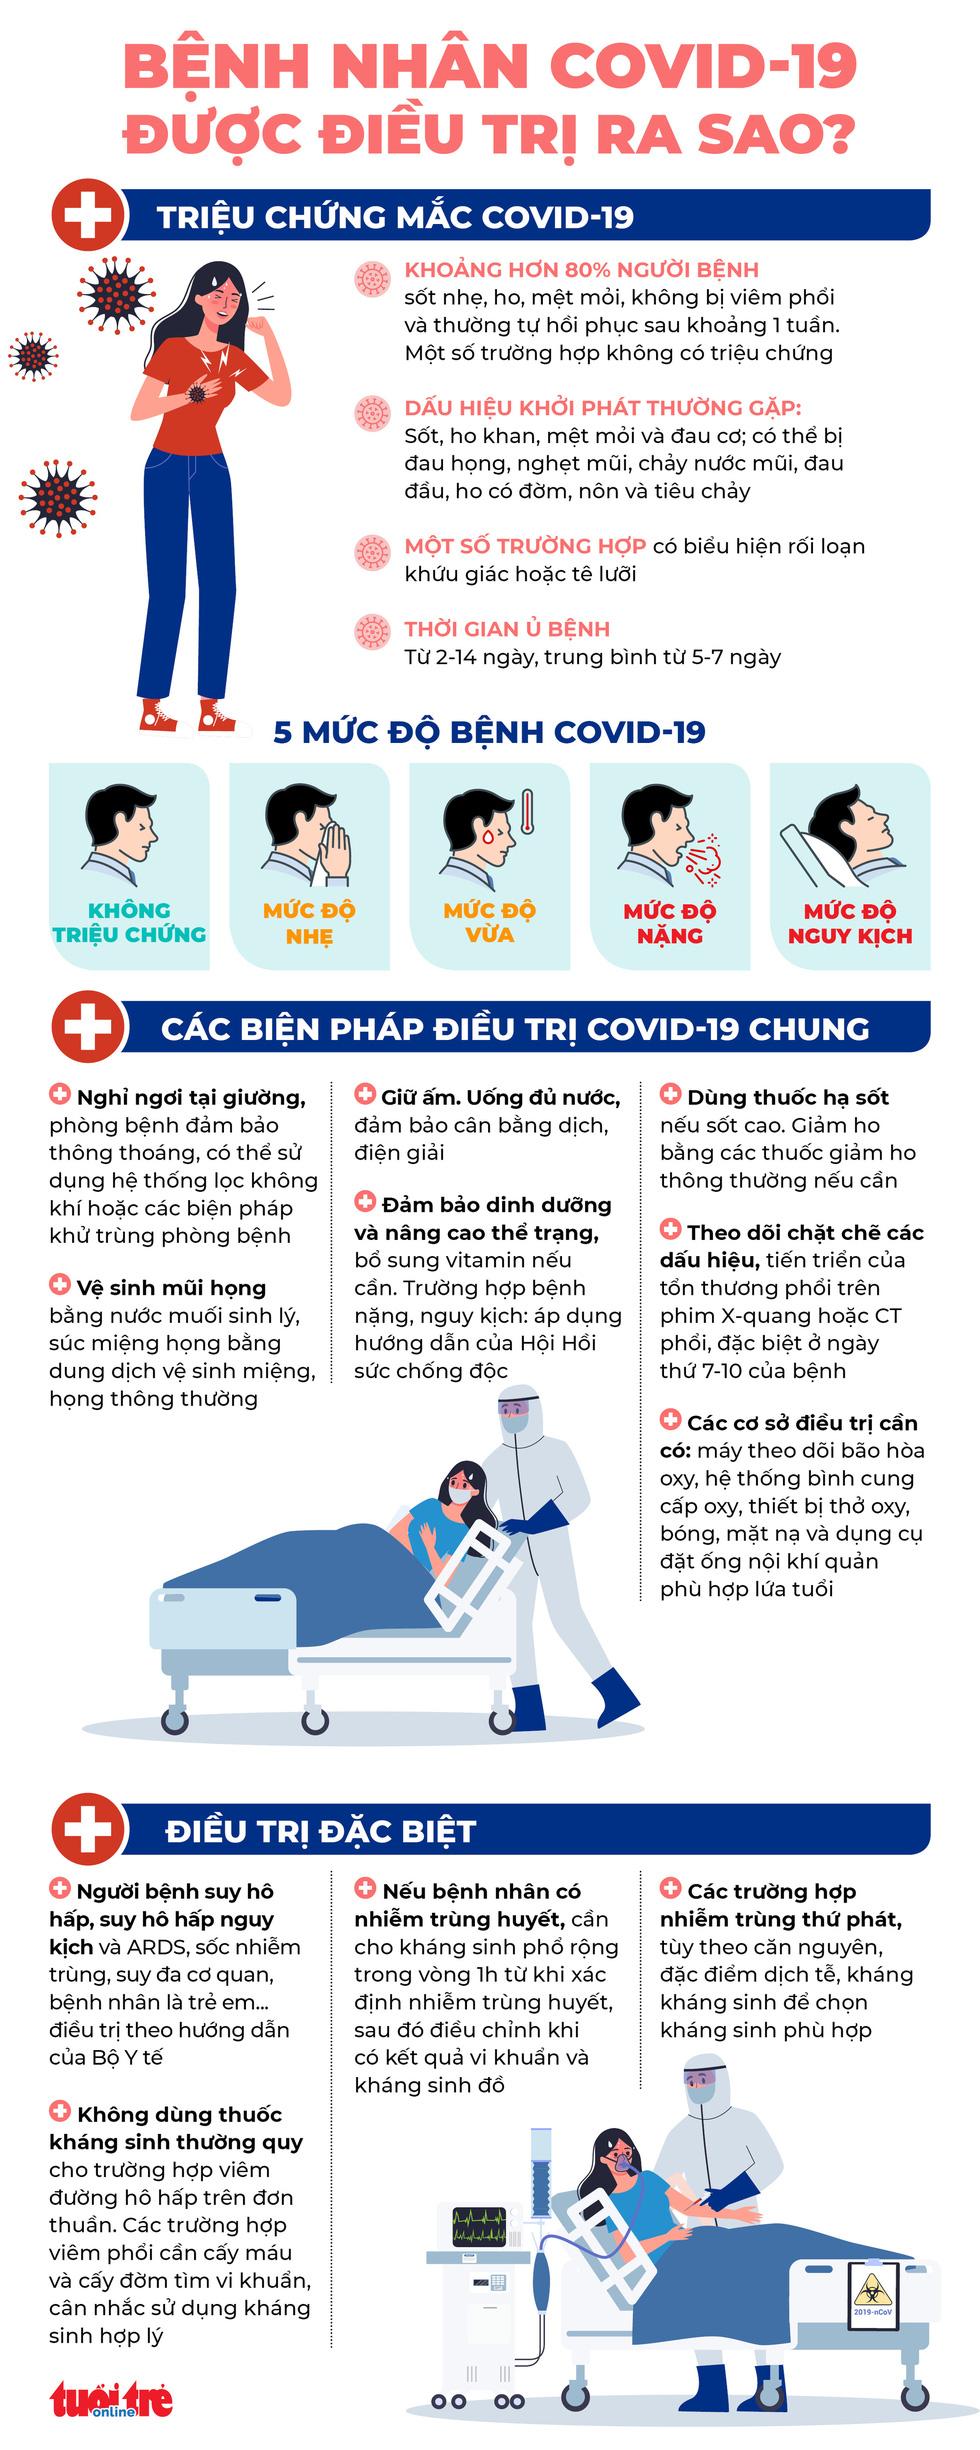 Bệnh nhân COVID-19 được điều trị ra sao theo hướng dẫn mới? - Ảnh 1.